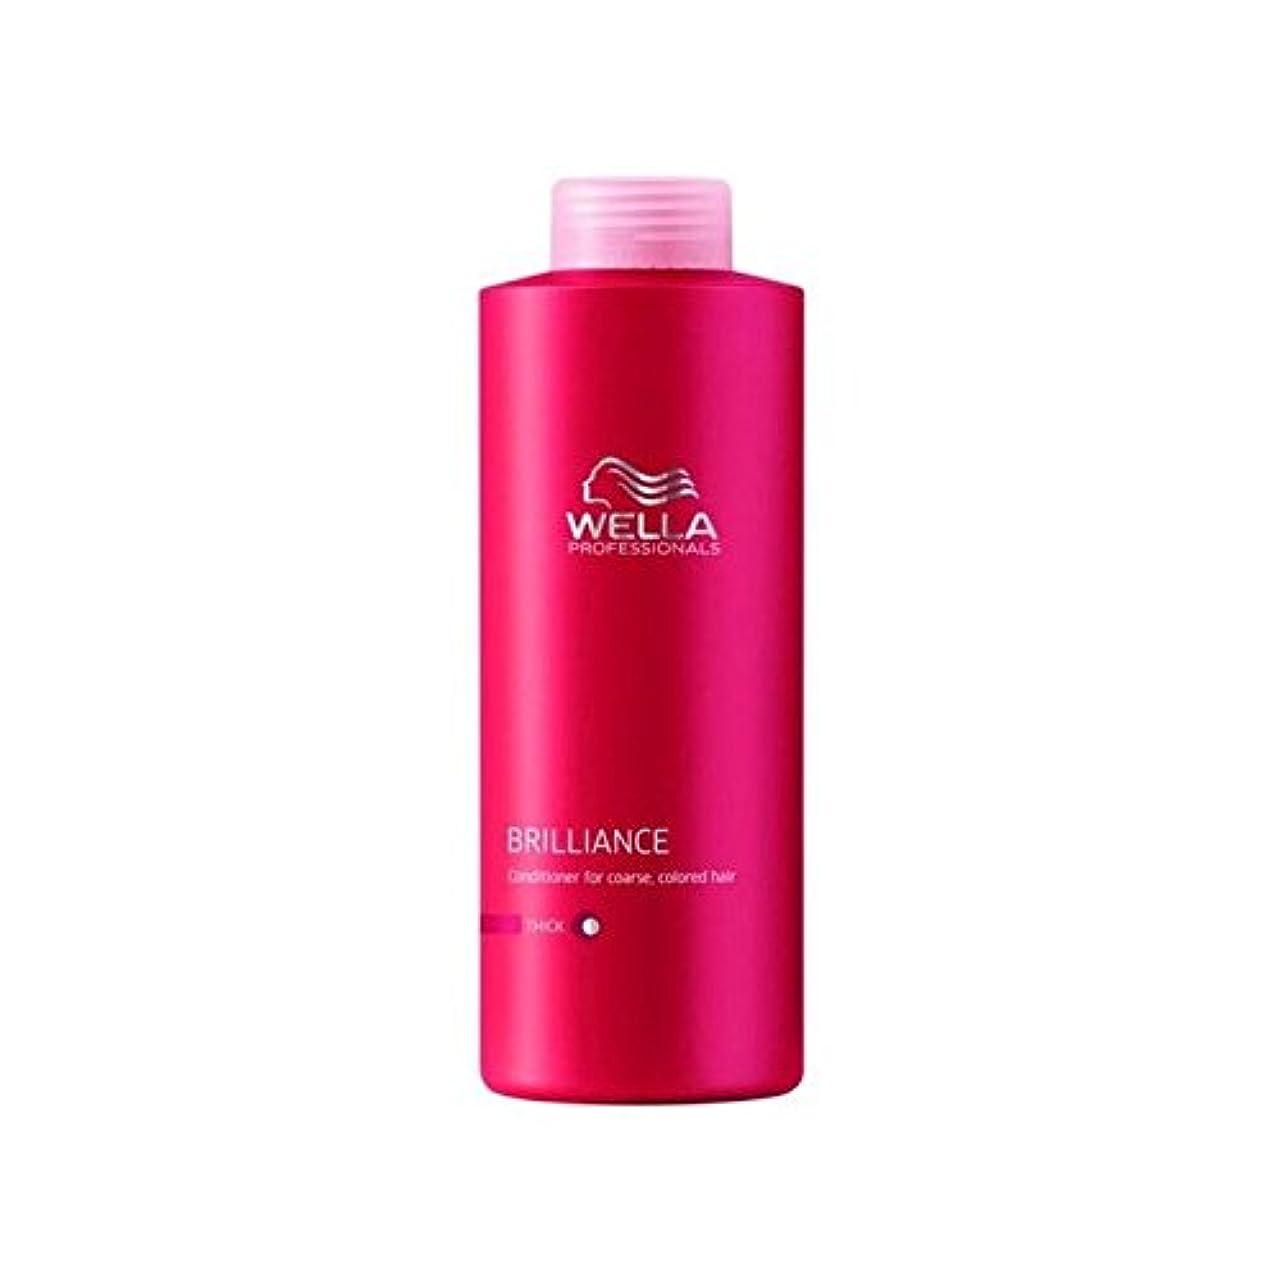 タイト大学不条理ウェラの専門家は粗いコンディショナー(千ミリリットル)をブリリアンス x4 - Wella Professionals Brilliance Coarse Conditioner (1000ml) (Pack of 4)...